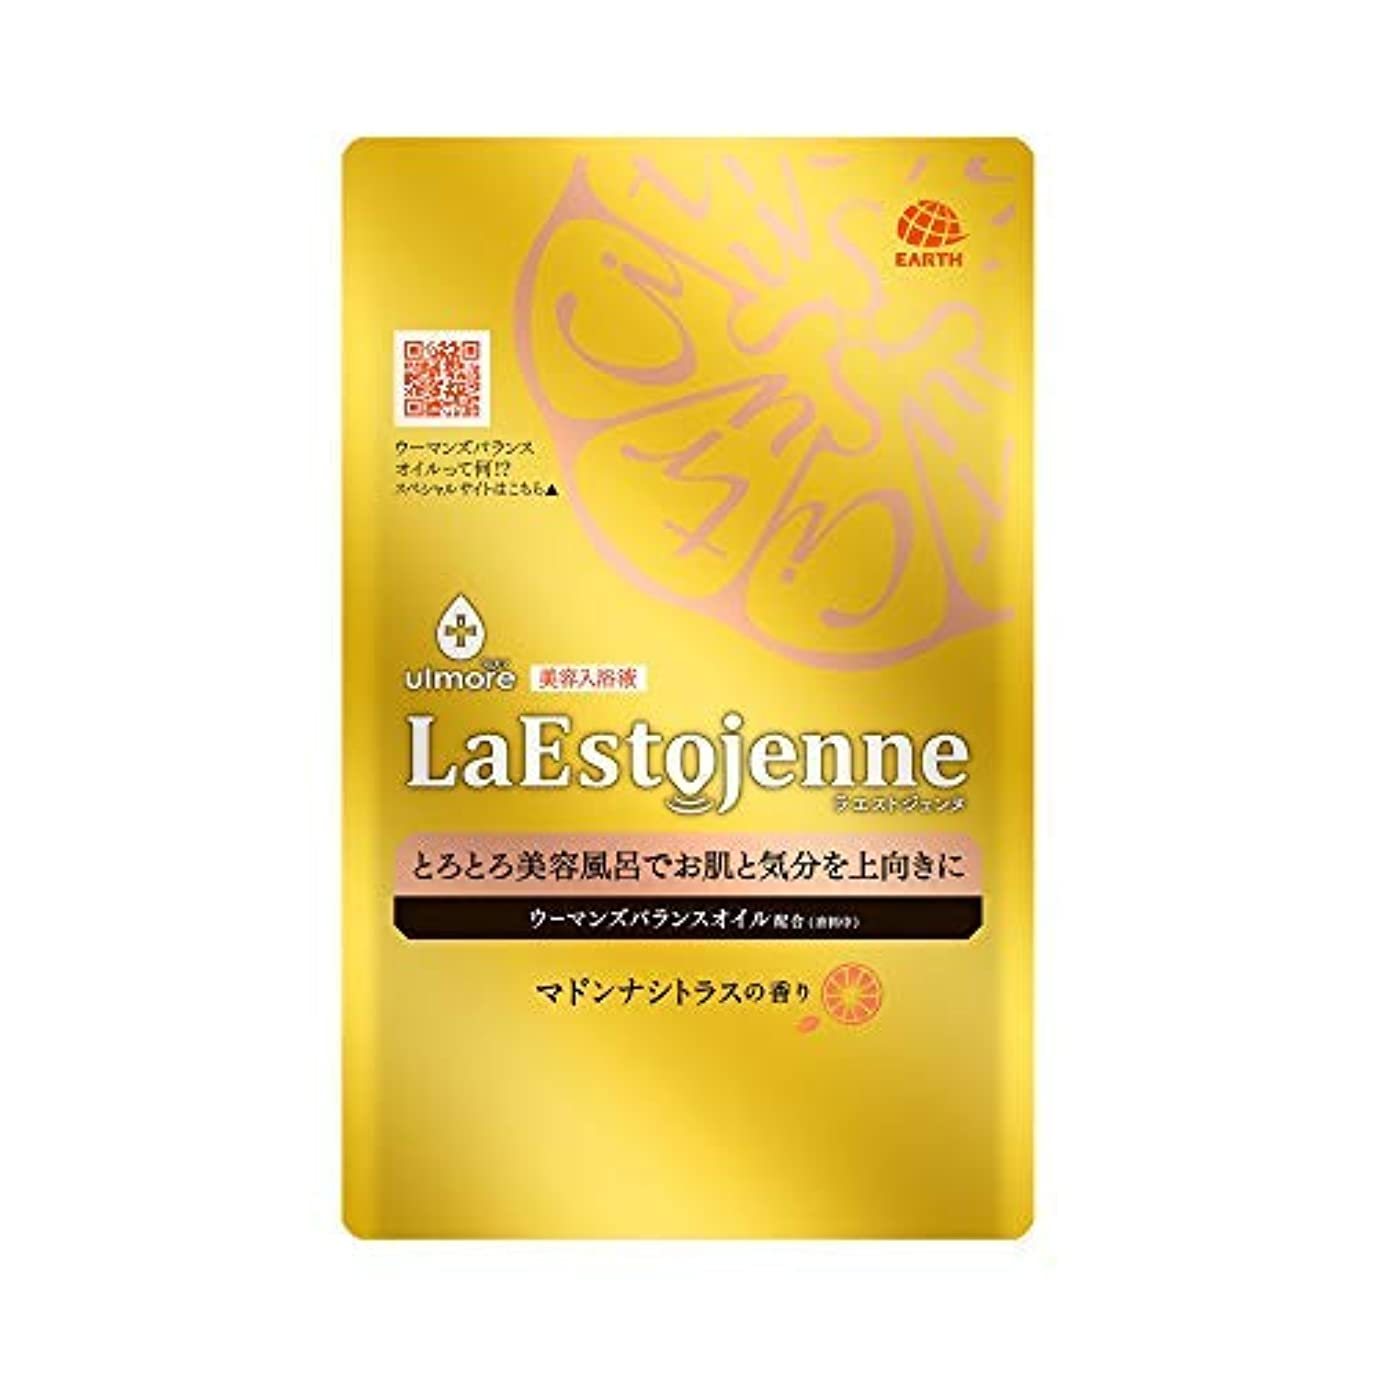 好きである内向きお父さんウルモア ラエストジェンヌ マドンナシトラスの香り 1包 × 8個セット